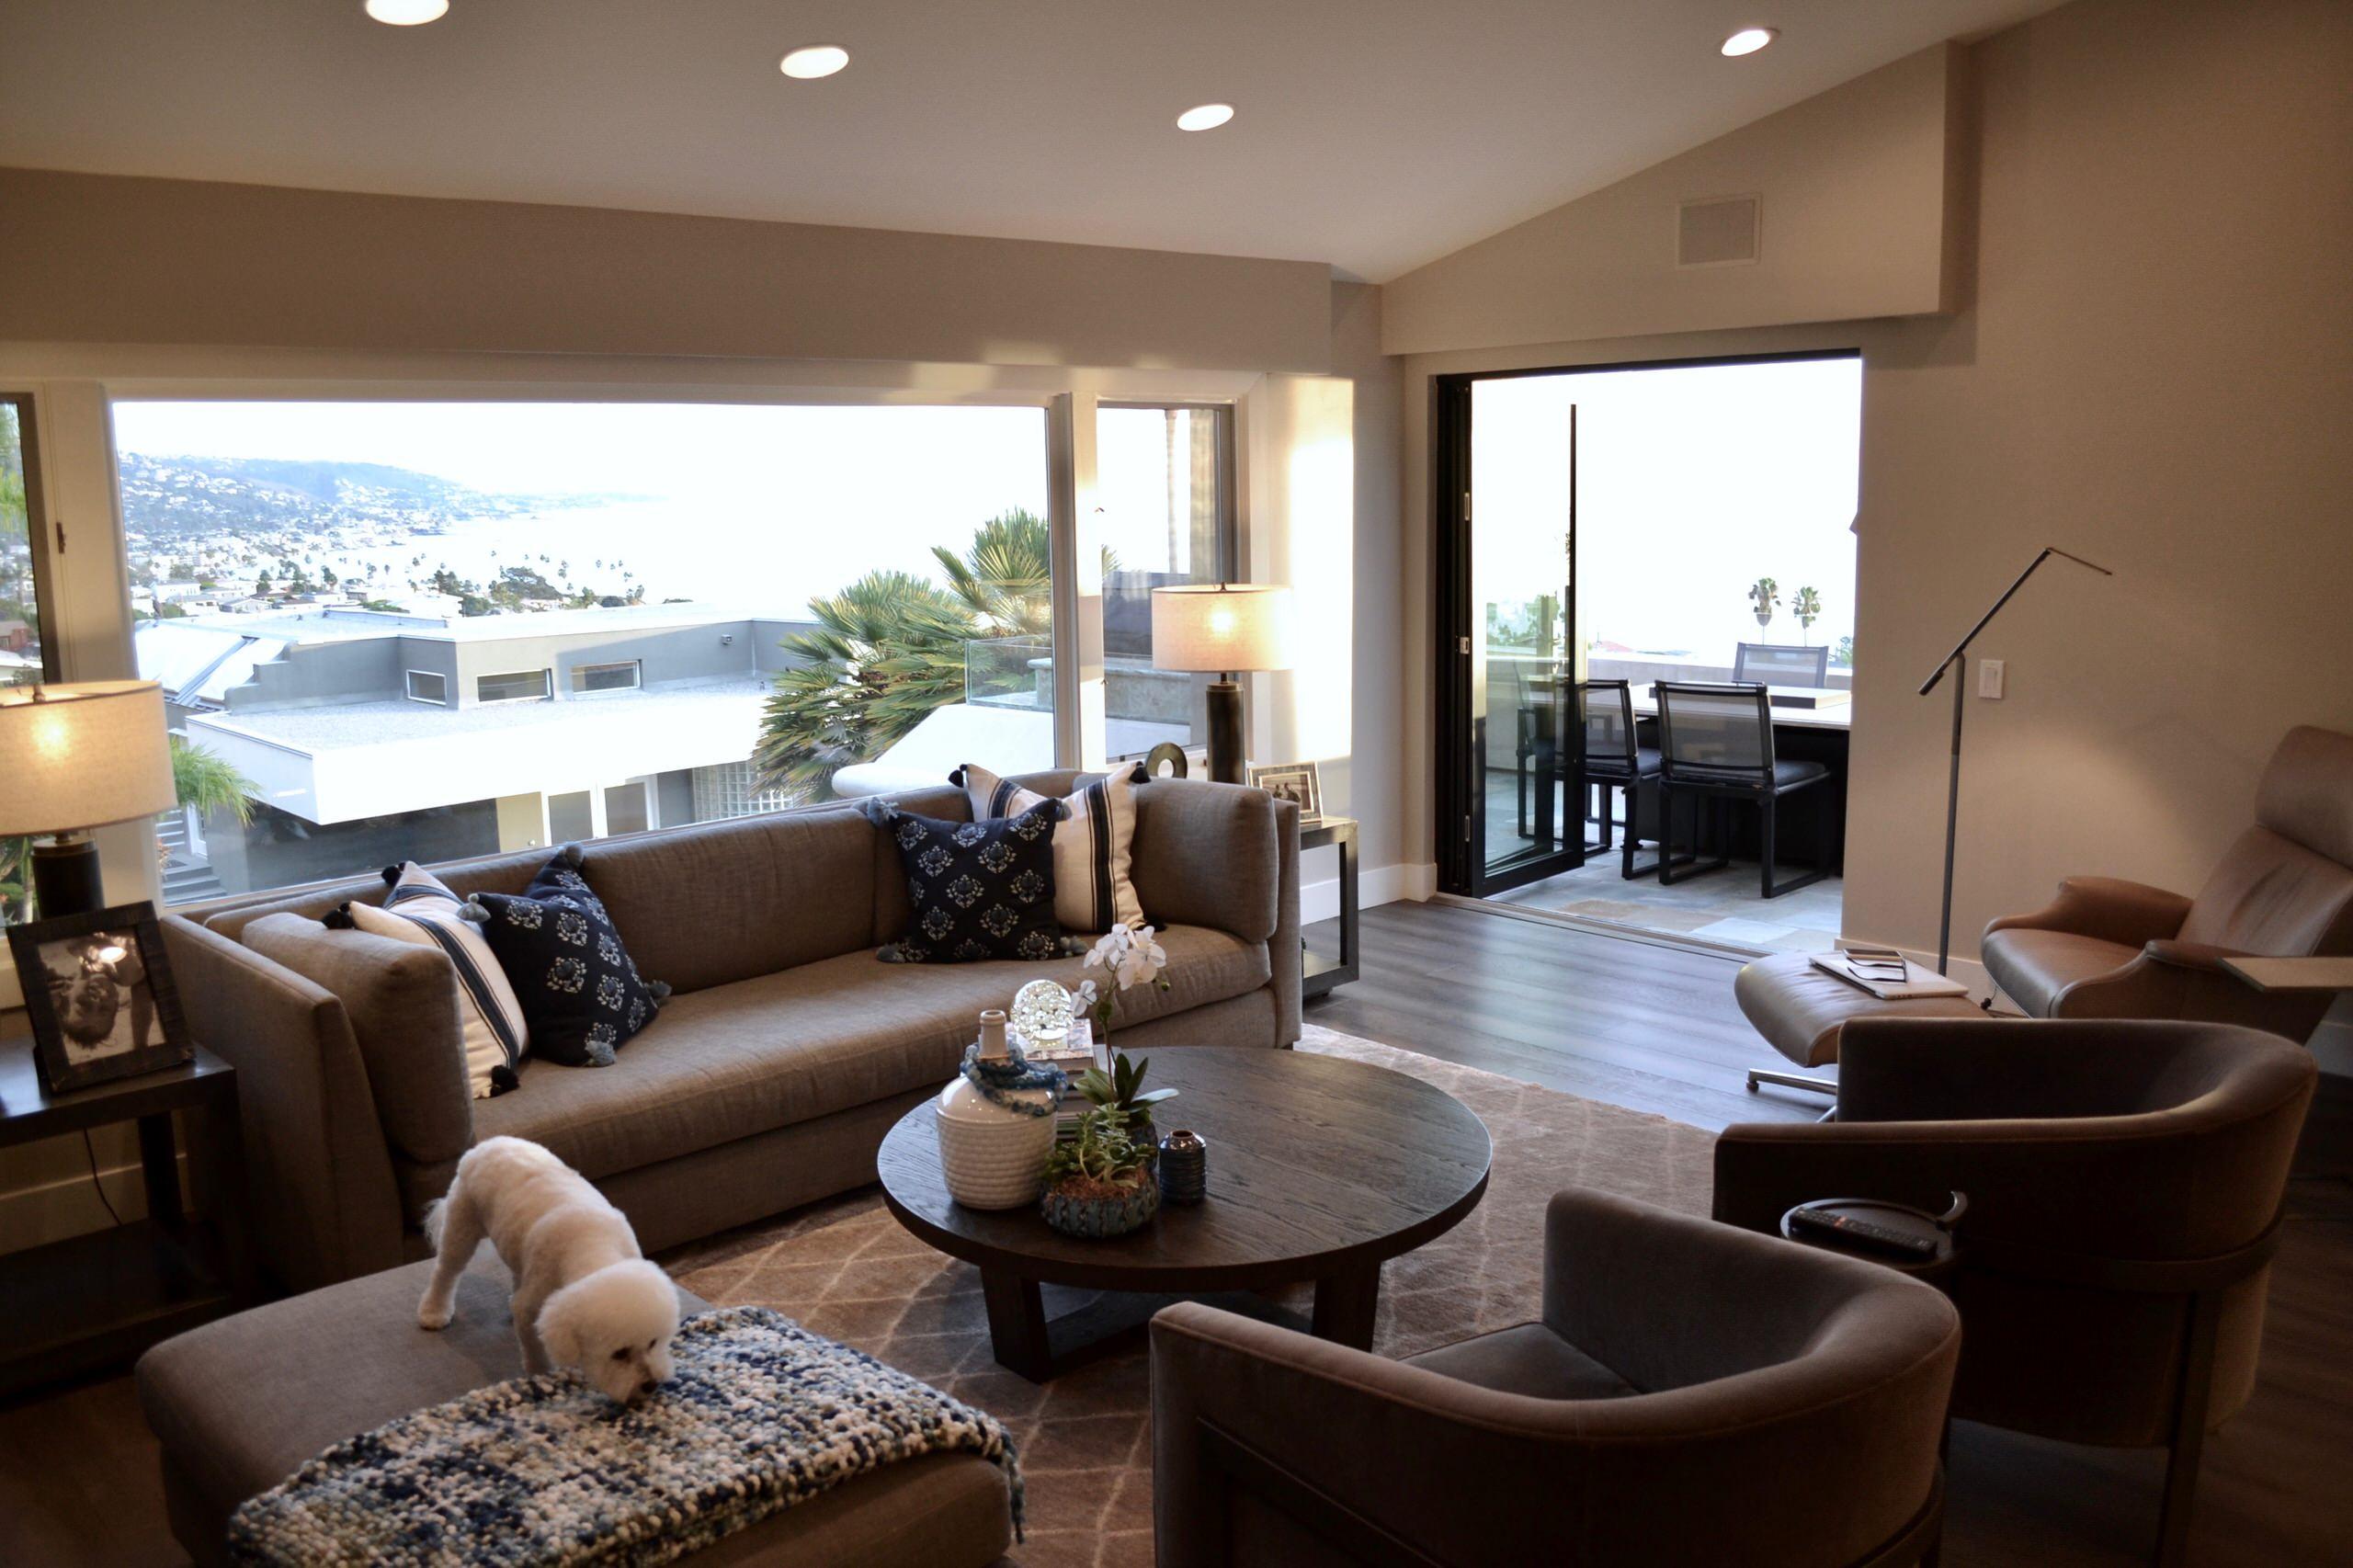 North Laguna Beach Ocean View Contemporary